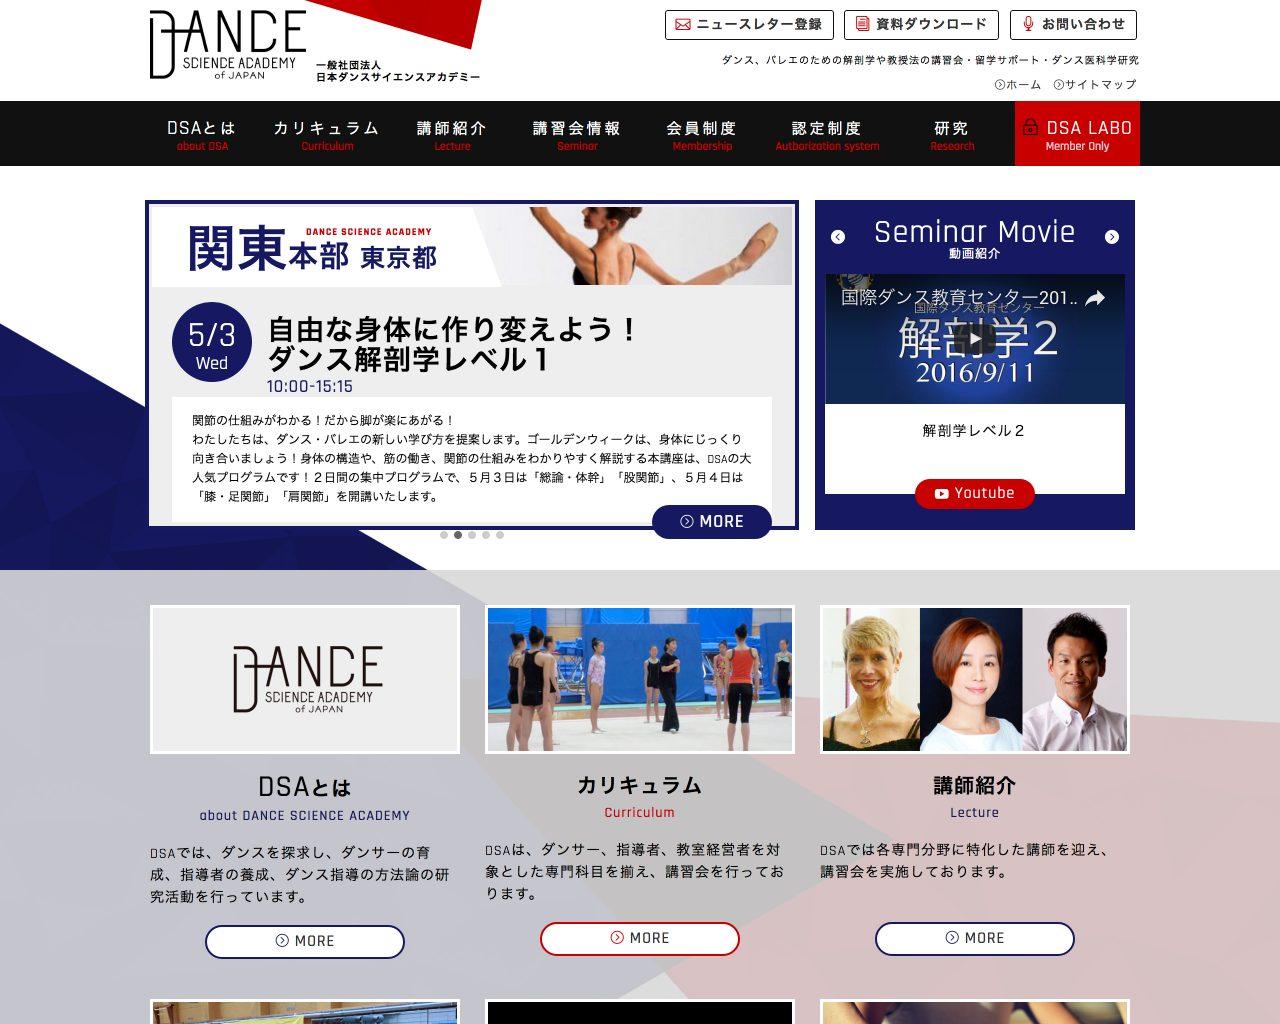 一般社団法人 日本ダンスサイエンスアカデミー様